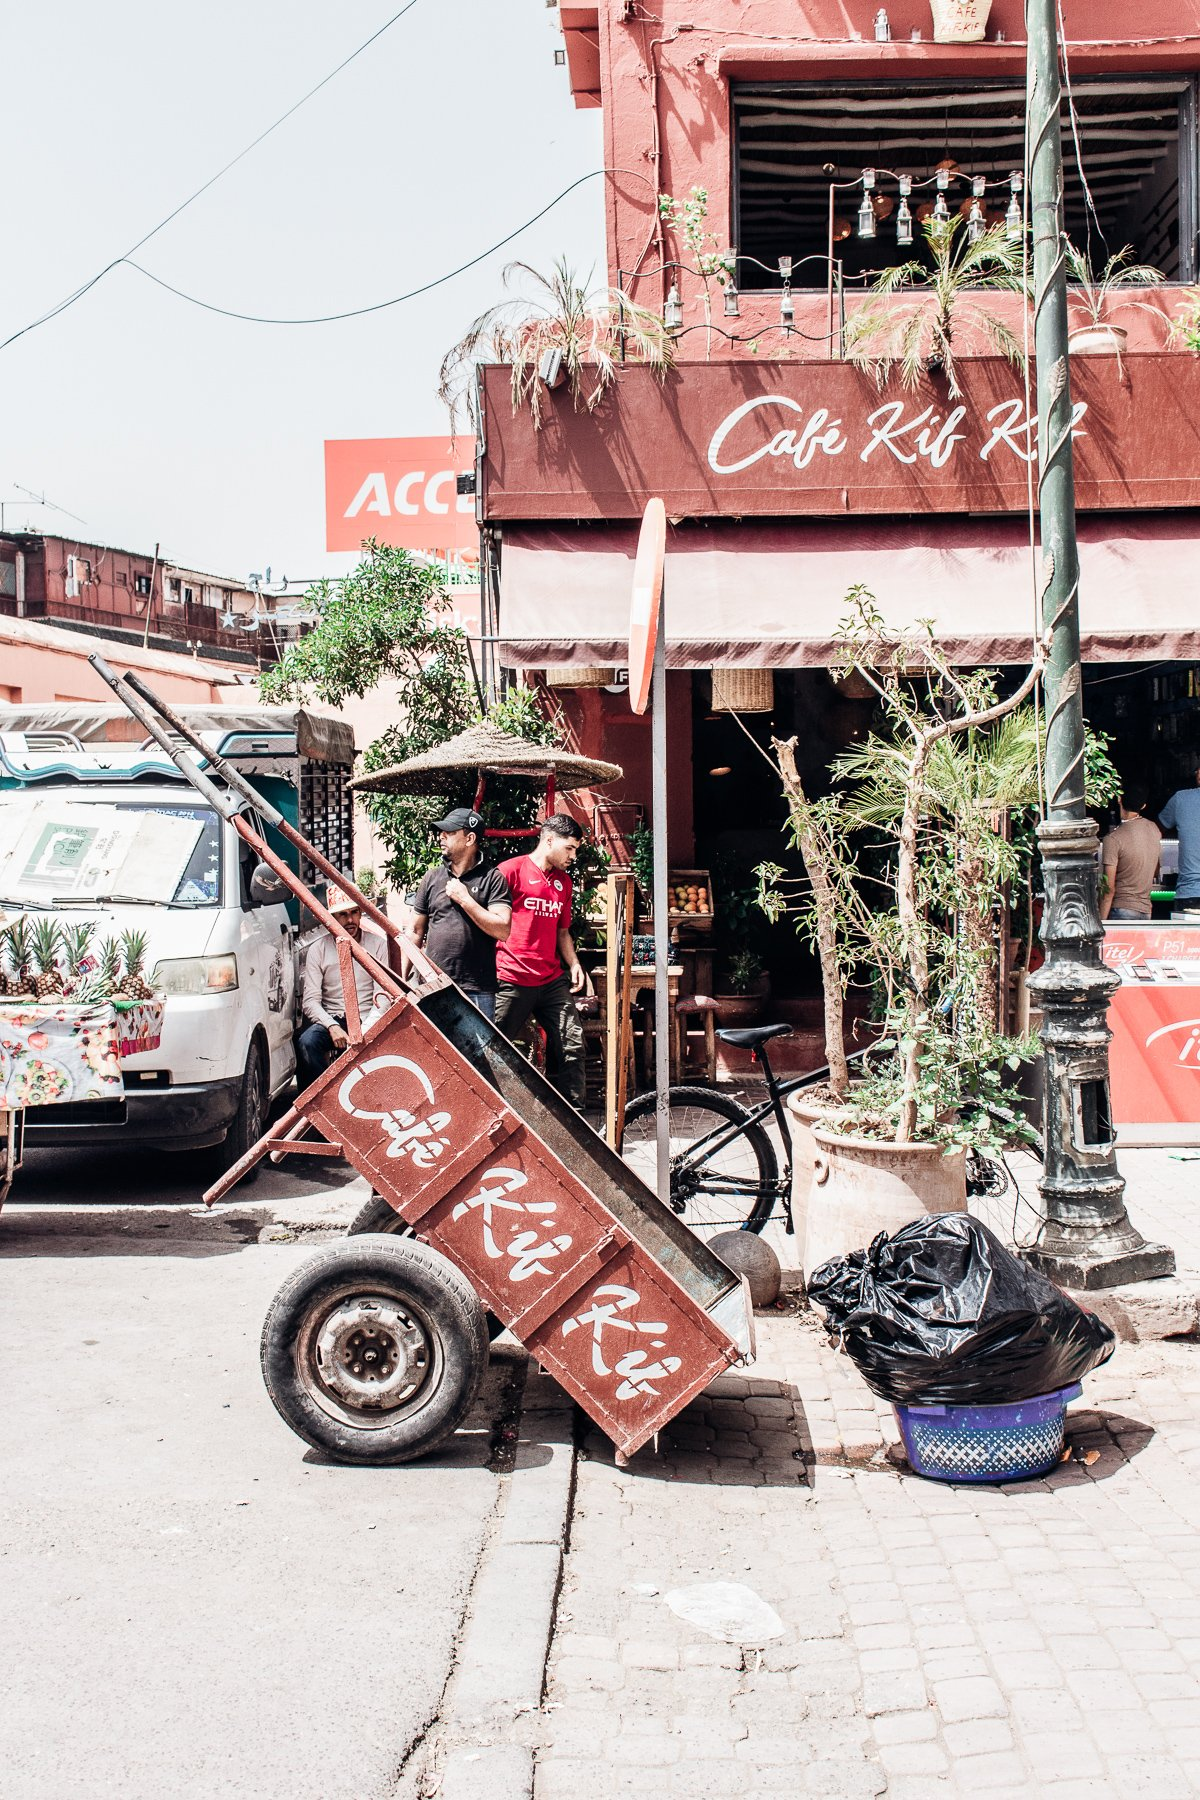 Marrakesch Tipps Café Kif Kif